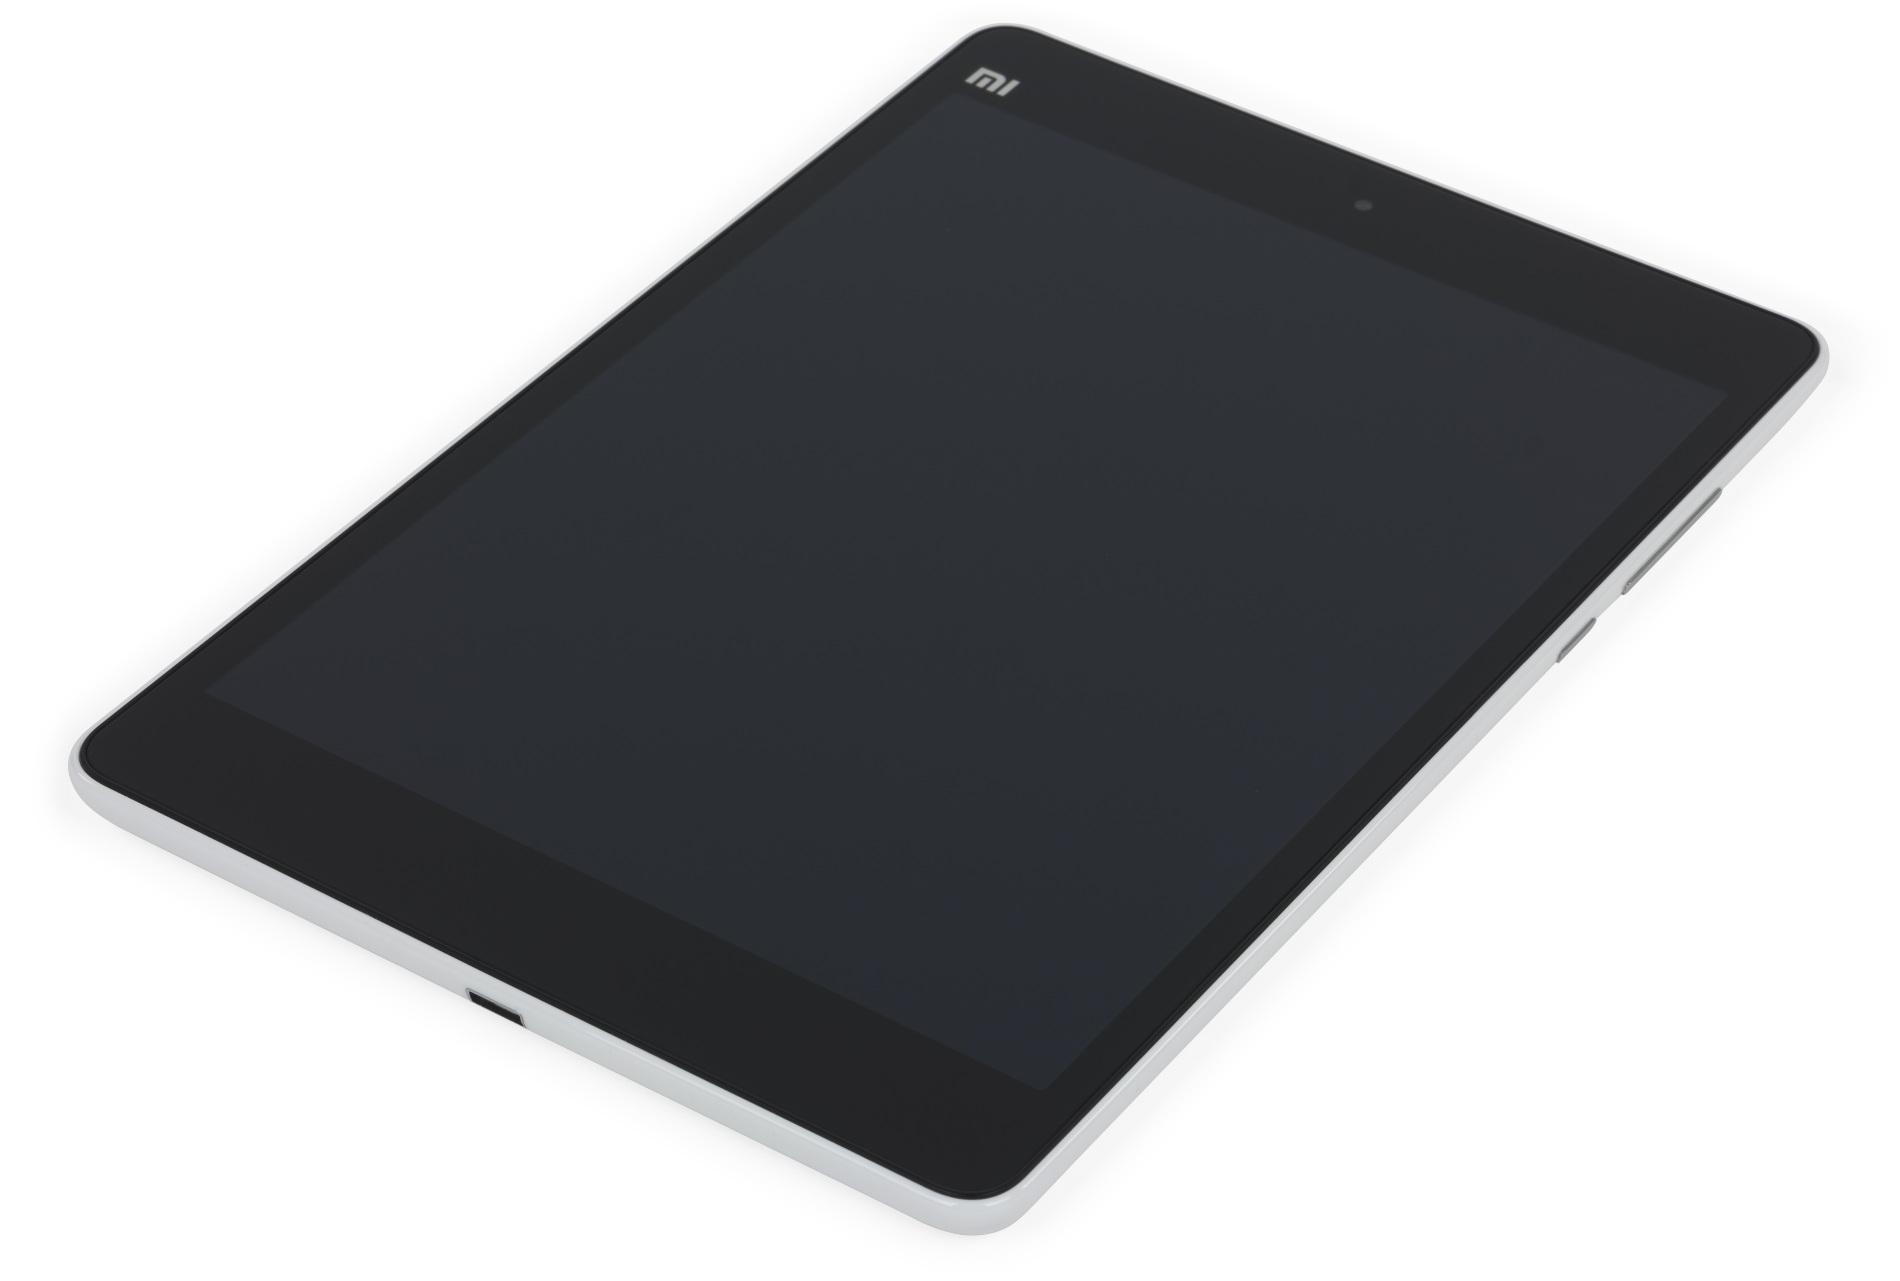 Xiaomi Mi Pad 7,9 16Gb - Фронтальная панель